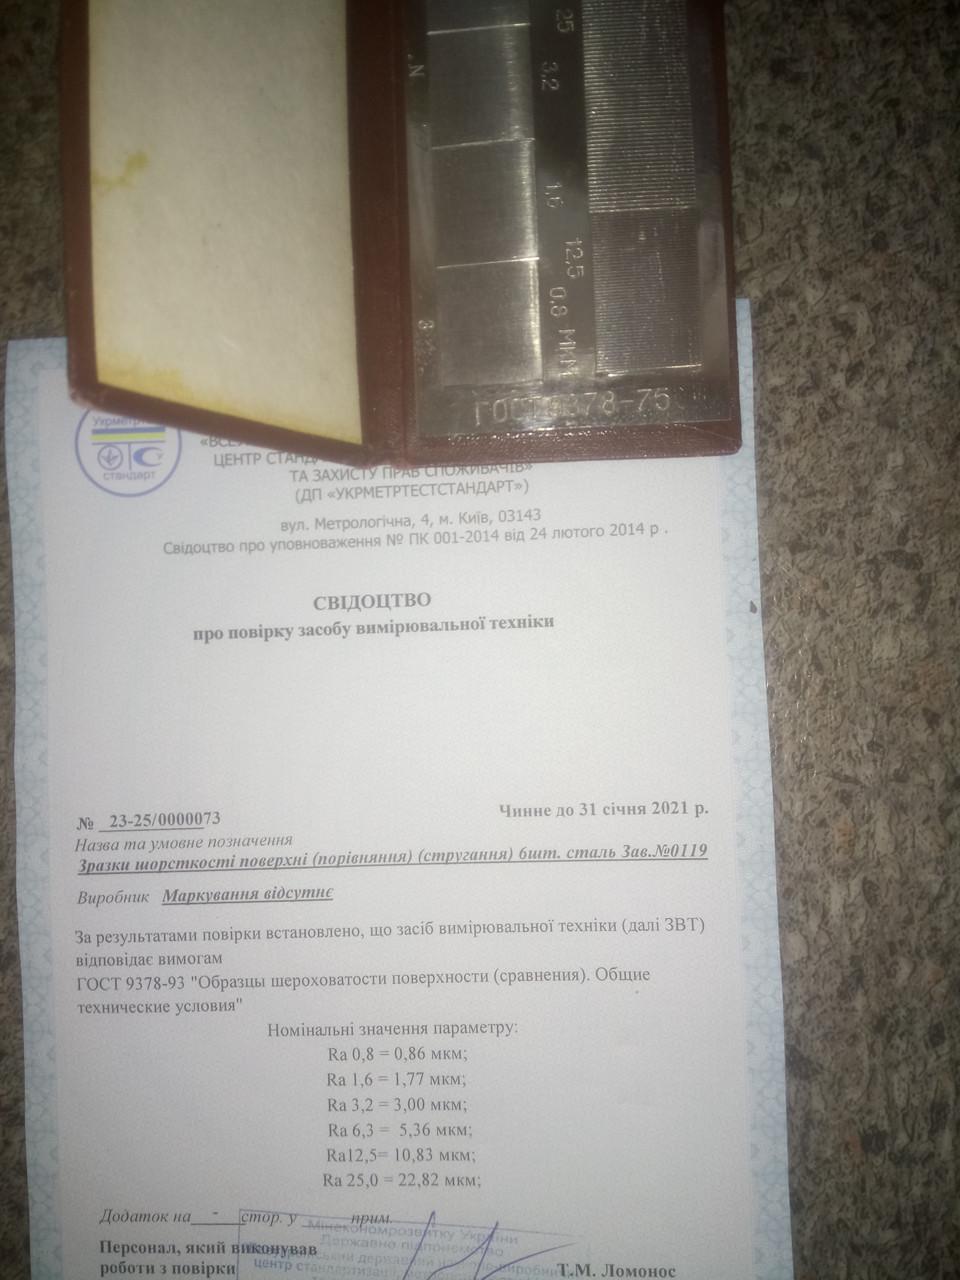 Образцы шероховатости,строгание, ГОСТ 9378-75,возможна калибровка в УкрЦСМ